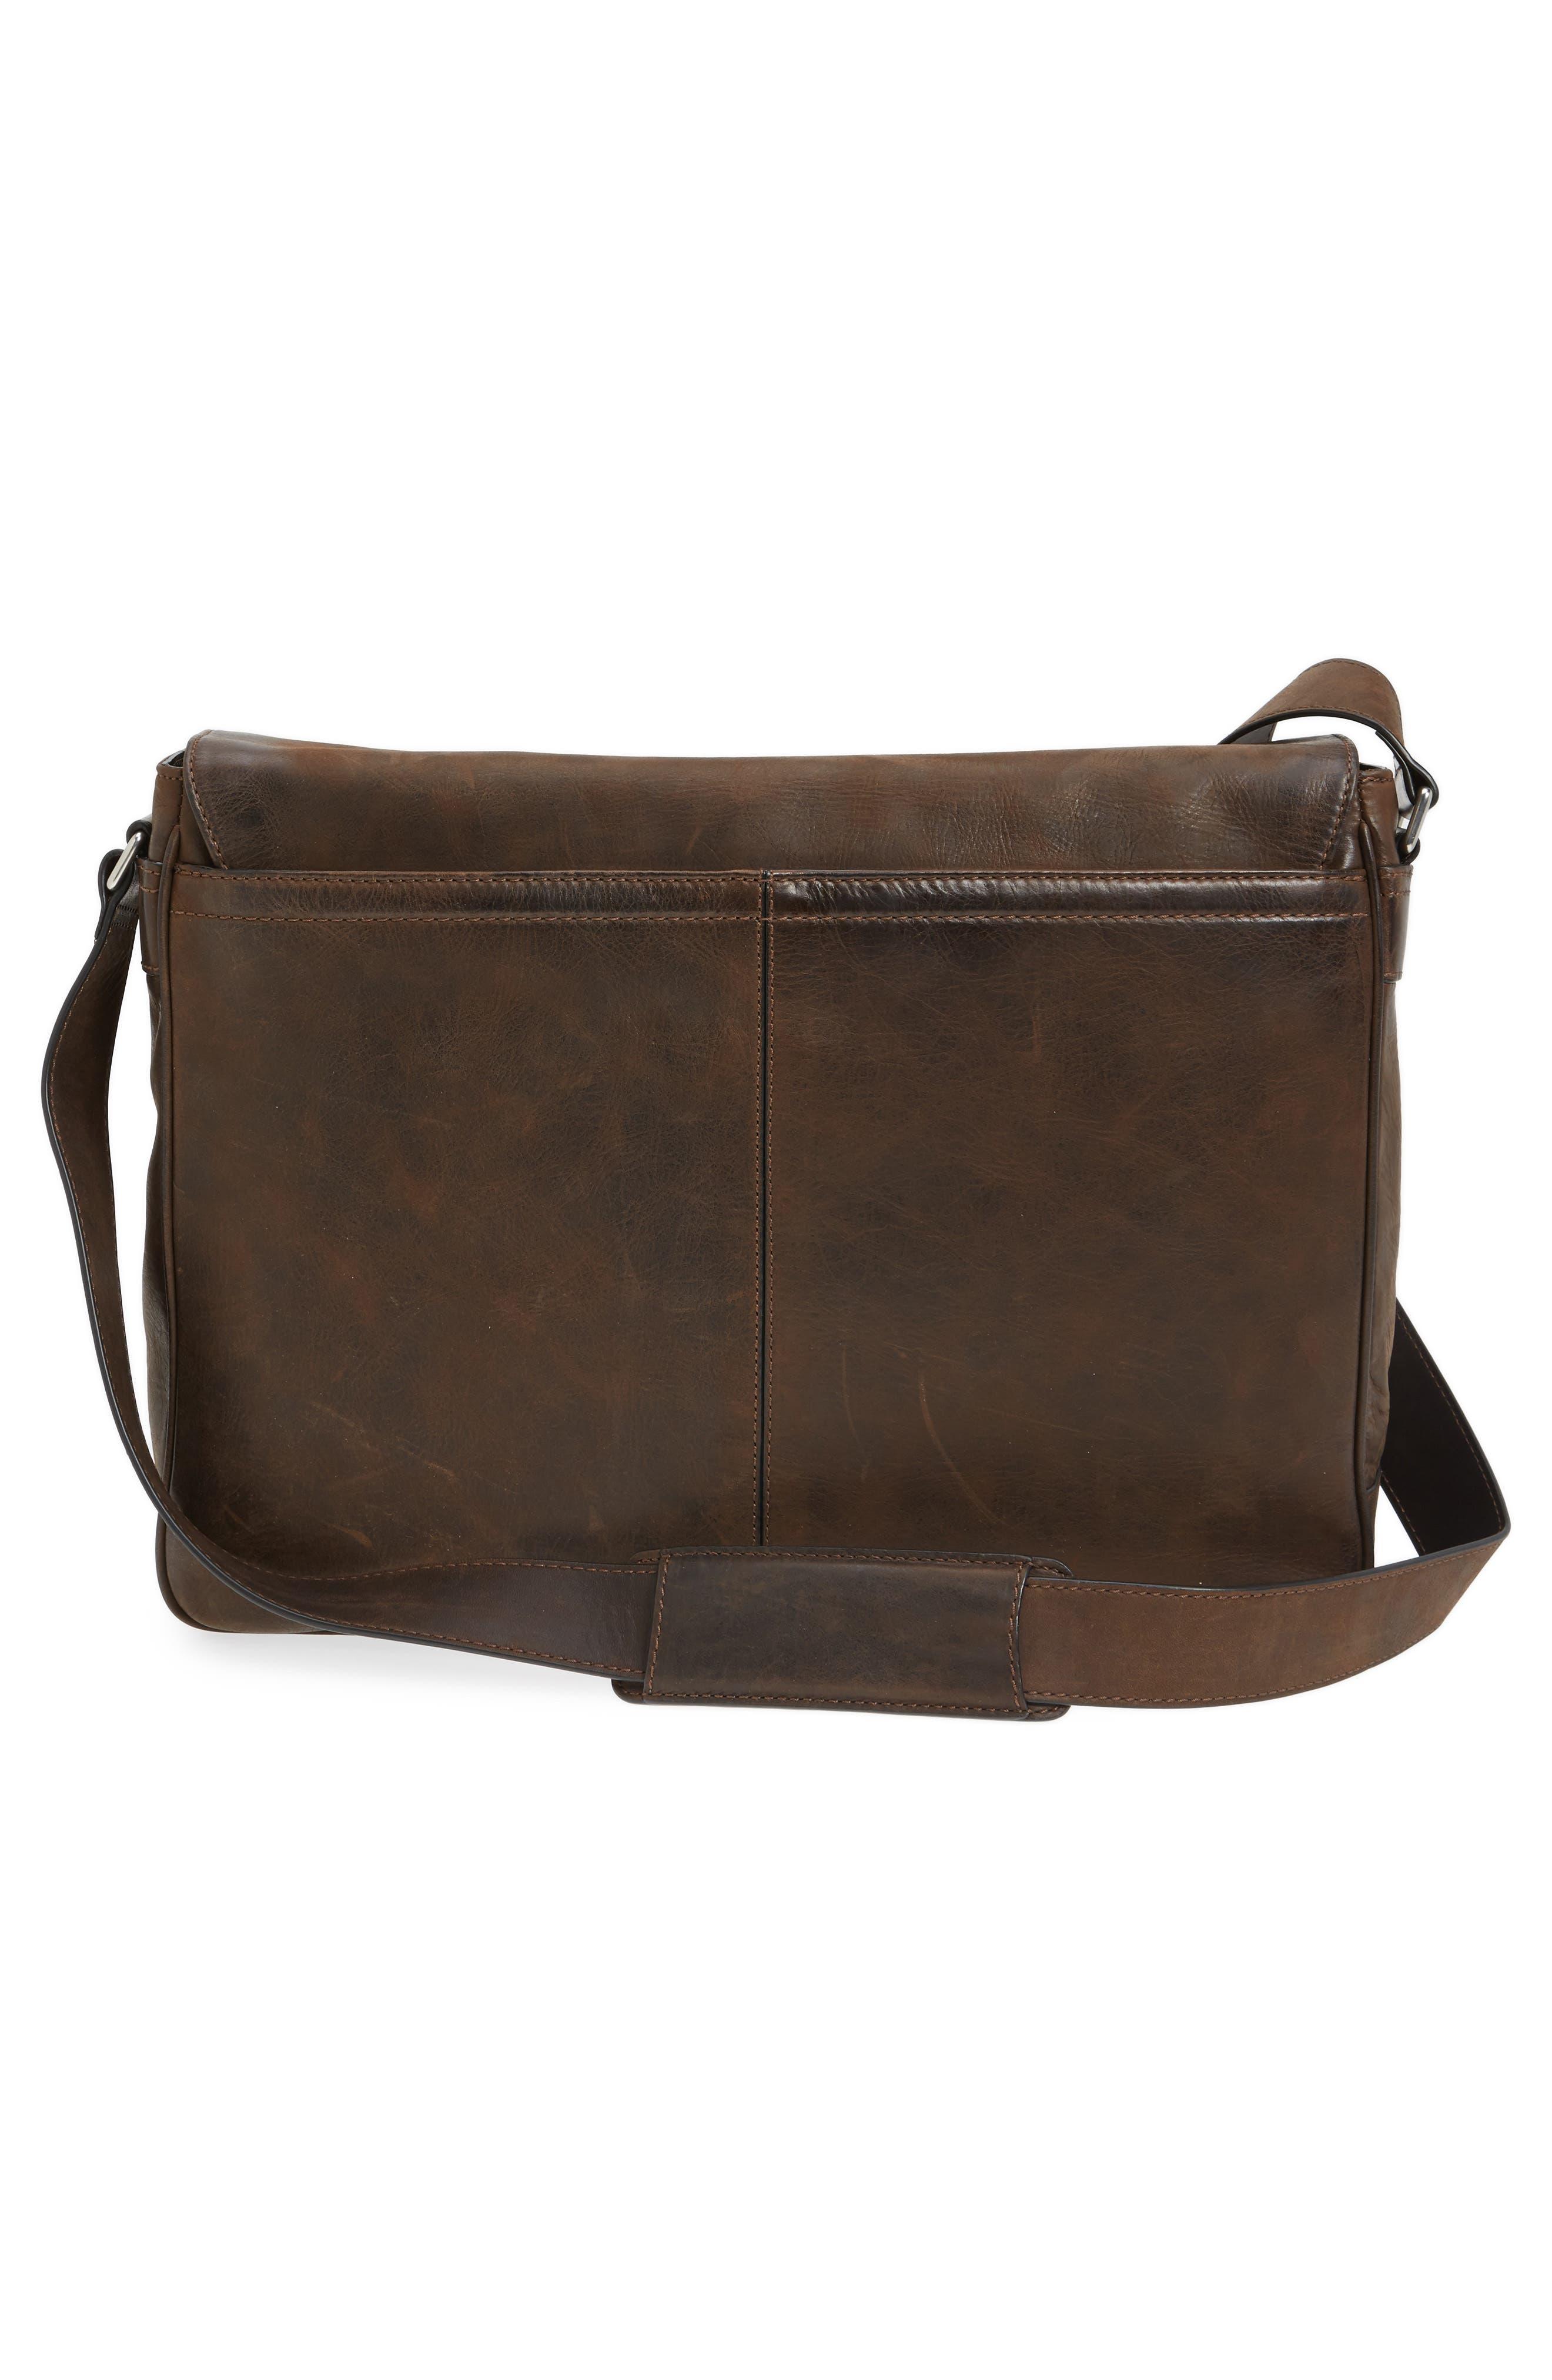 Oliver Leather Messenger Bag,                             Alternate thumbnail 3, color,                             Dark Brown